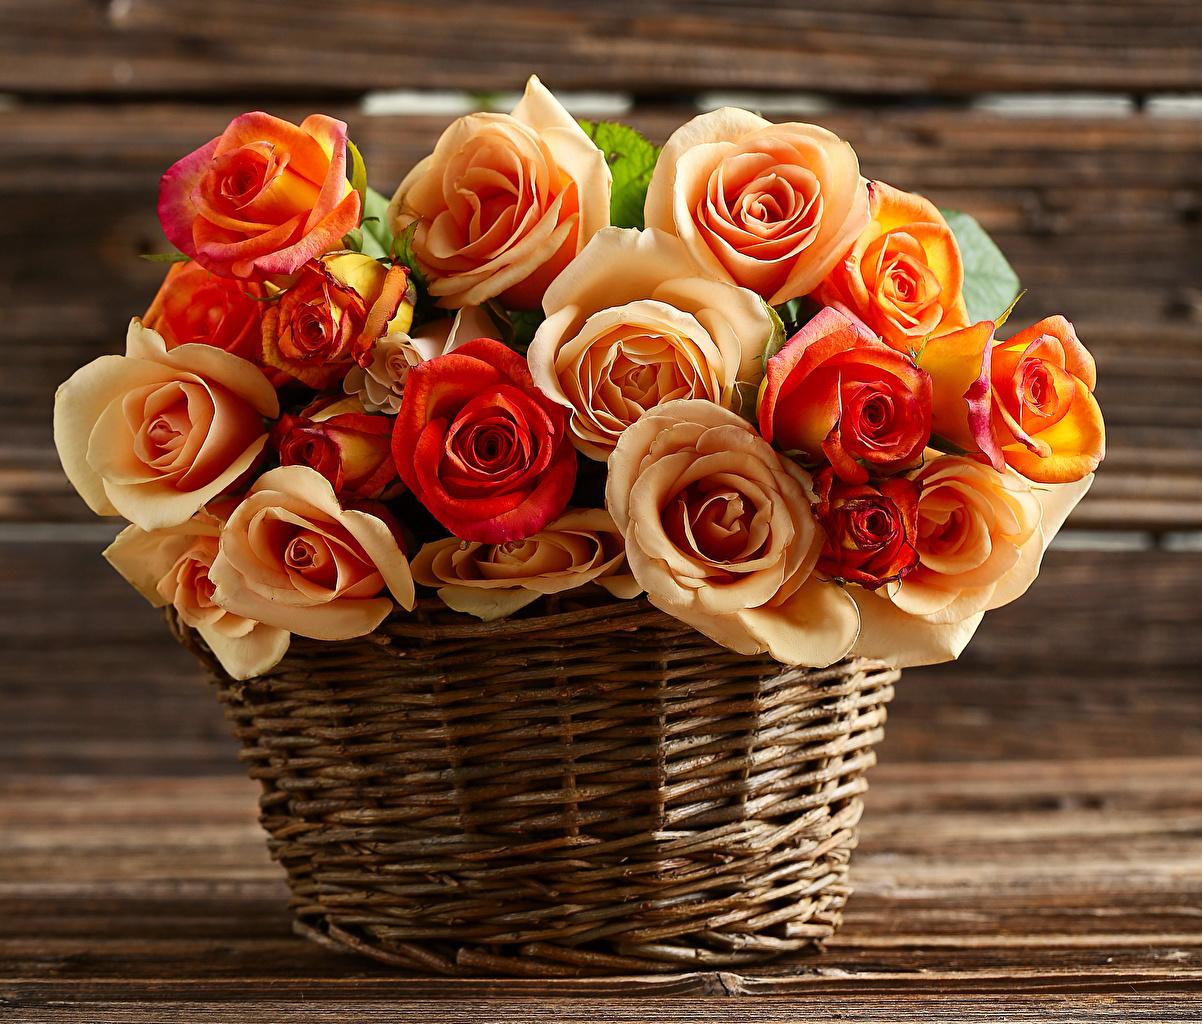 Обои для рабочего стола роза цветок корзины Крупным планом Розы Цветы Корзина Корзинка вблизи